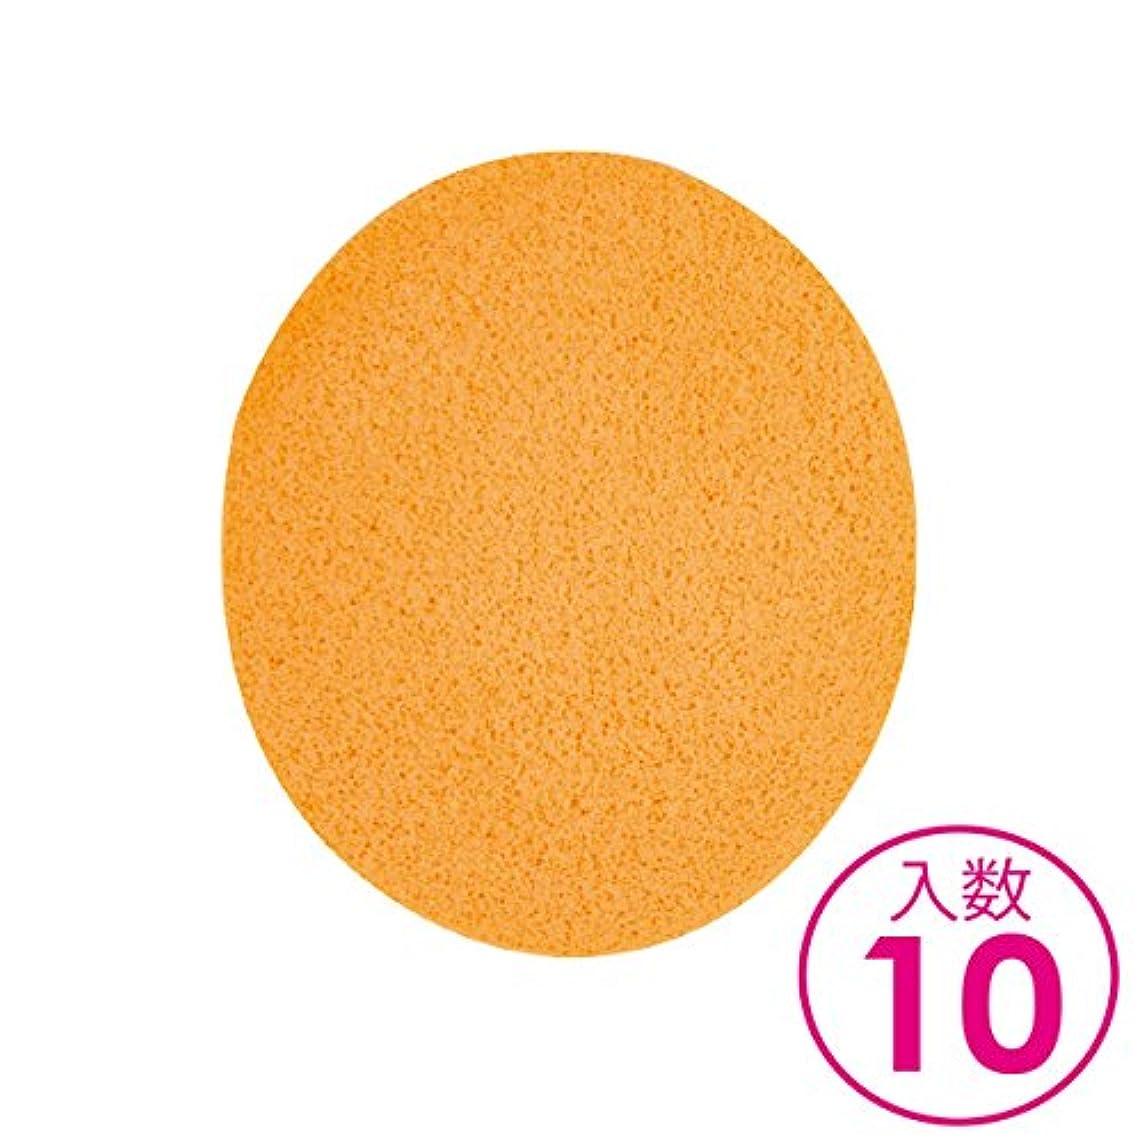 財布彫るラップボディスポンジ 幅120×長さ140×厚み10mm (きめ粗い) 10枚入 オレンジ [ ボディスポンジ ボディ用スポンジ マッサージスポンジ ボディ ボディー 体用 エステ スポンジ パック 拭き取り 吸水 保水 ]